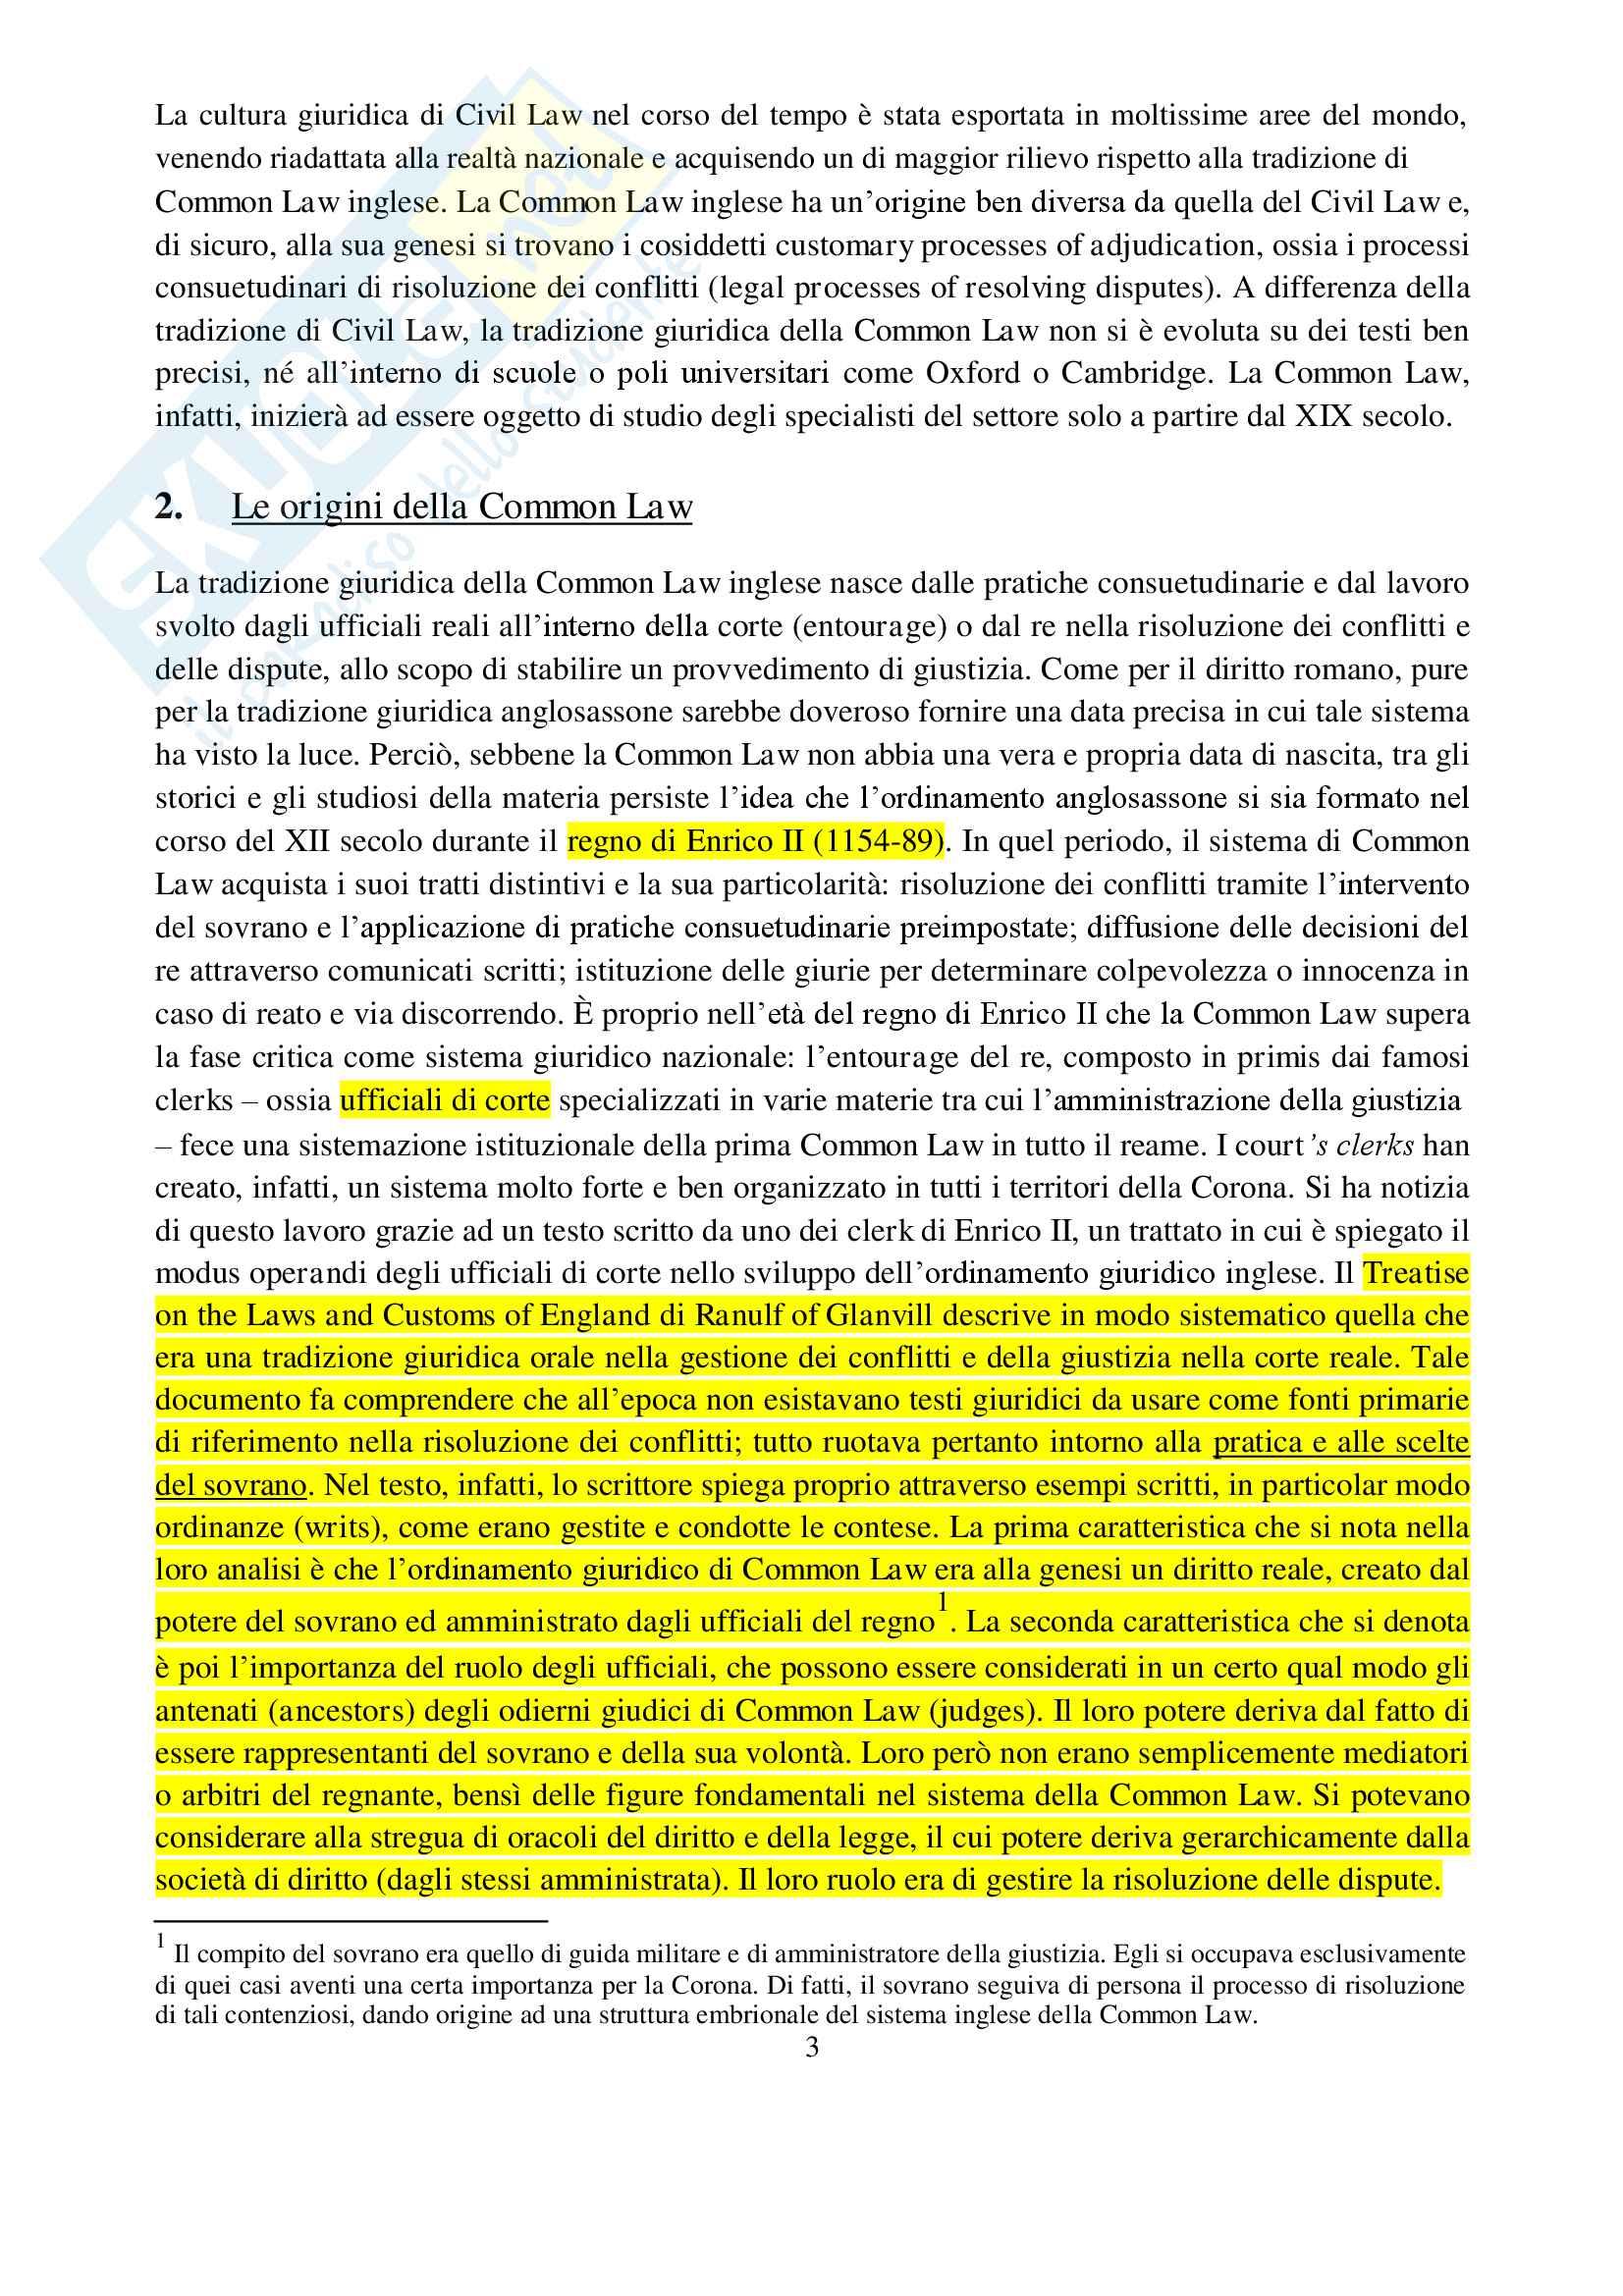 Appunti di Diritto Commerciale Comparato (Partnership, Company, Law Merchant e Lex Mercatoria, Storia del Commerci, Common Law e Civil Law) Pag. 2